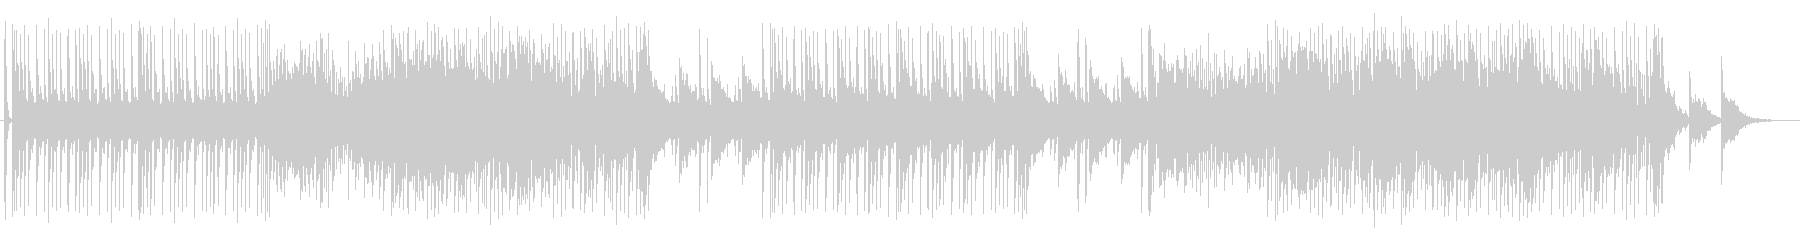 スローテンポのテクノサウンドの未再生の波形